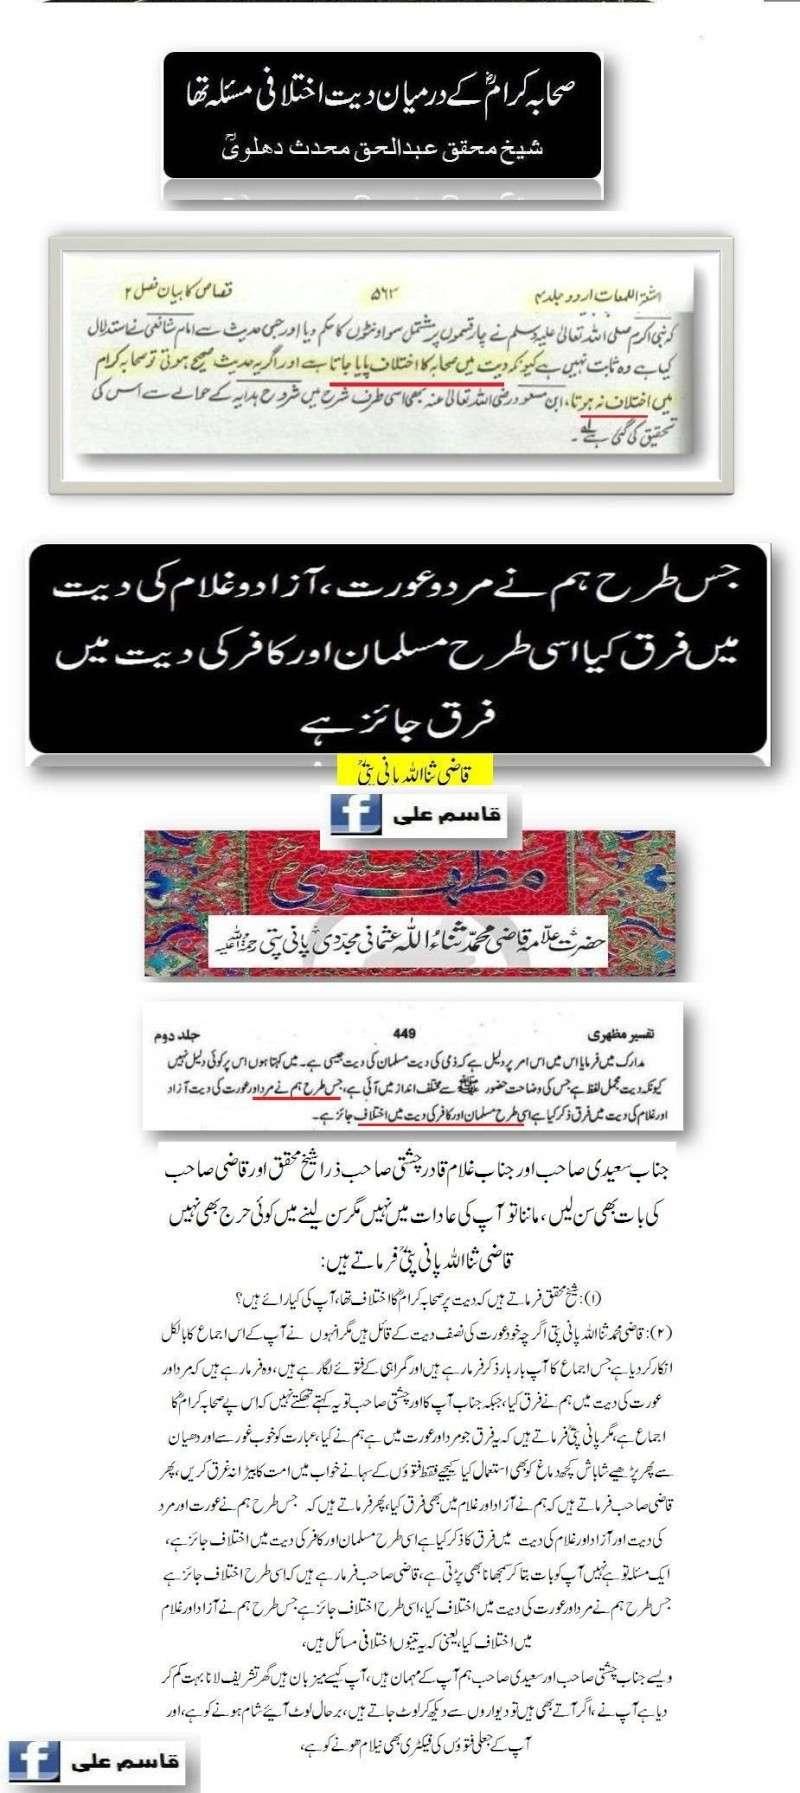 دیت کی جعلی فتوی فیکٹری پر منہاج القرآن کی فتح کا جھنڈا - Page 2 5post10